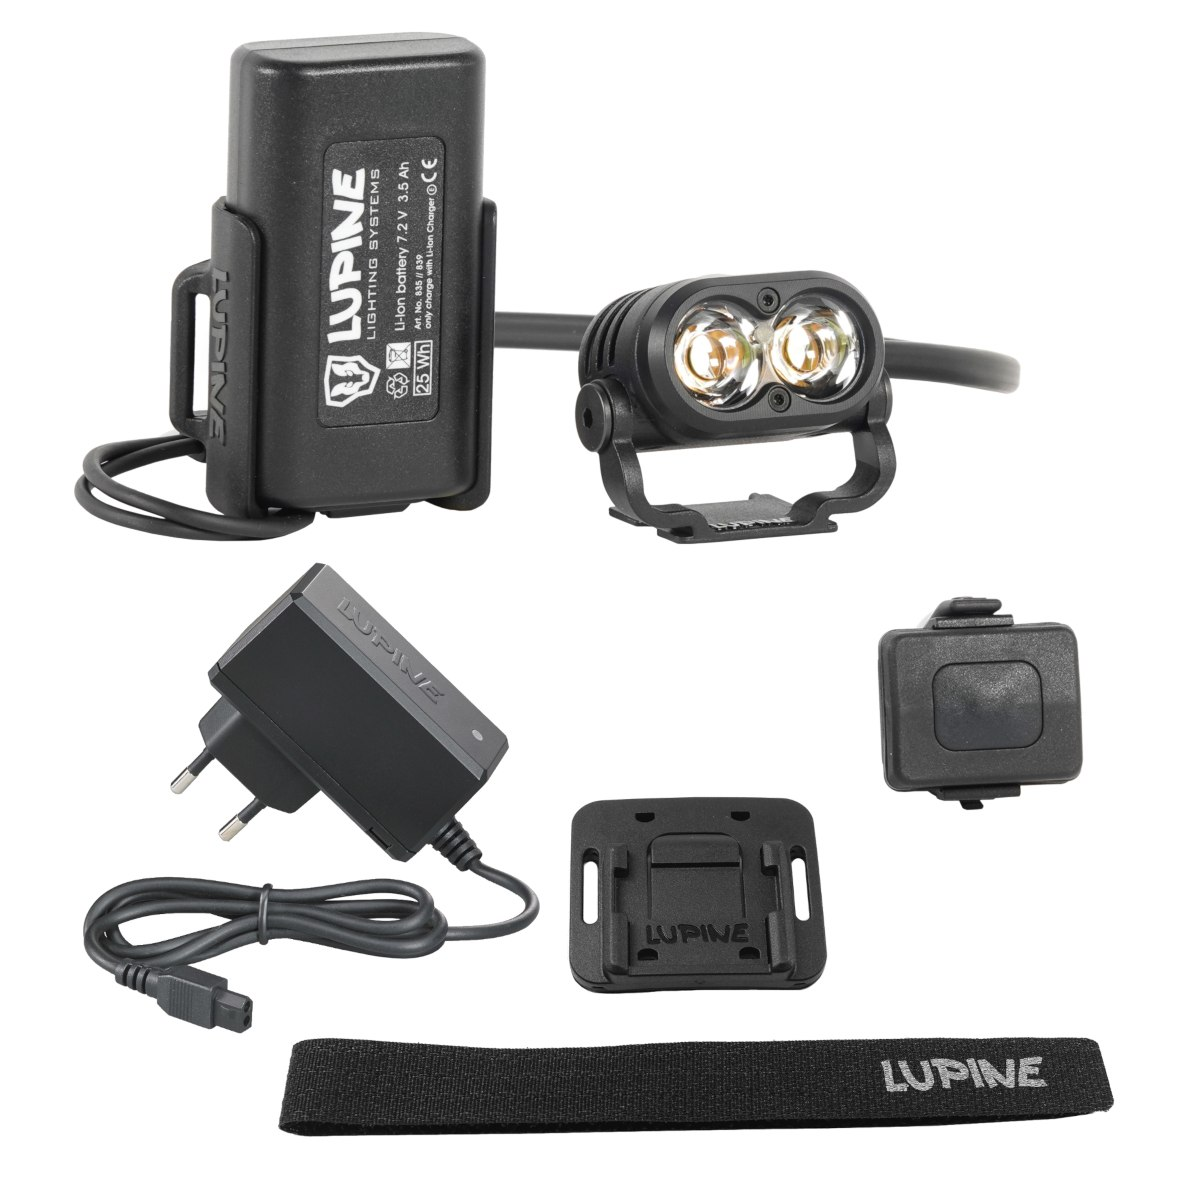 Produktbild von Lupine Piko R 4 Helmlampe - 2100 lm